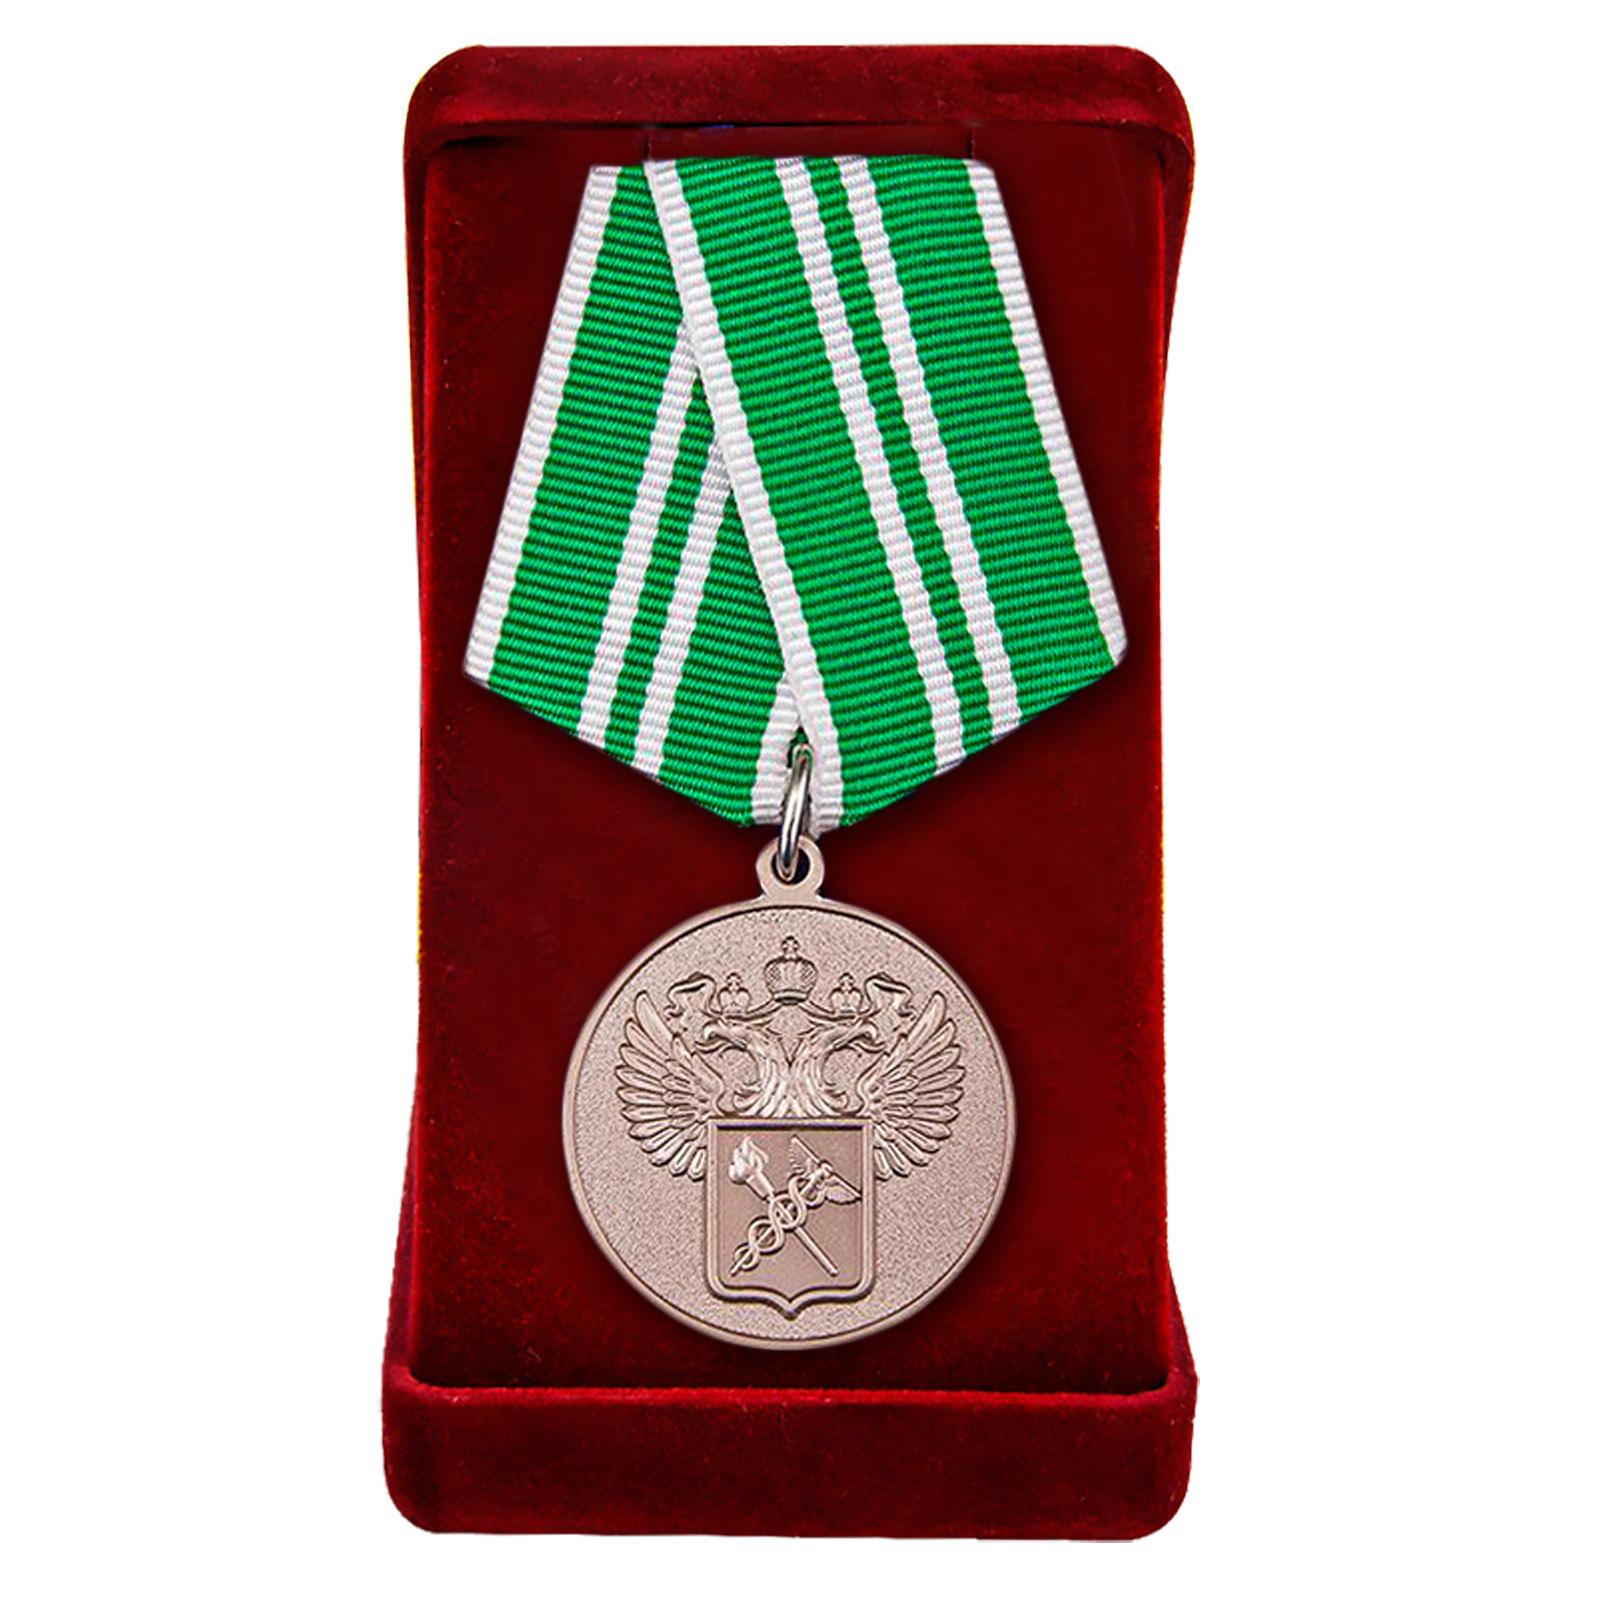 """Купить ведомственную медаль """"За службу в таможенных органах"""" 2 степени с доставкой"""